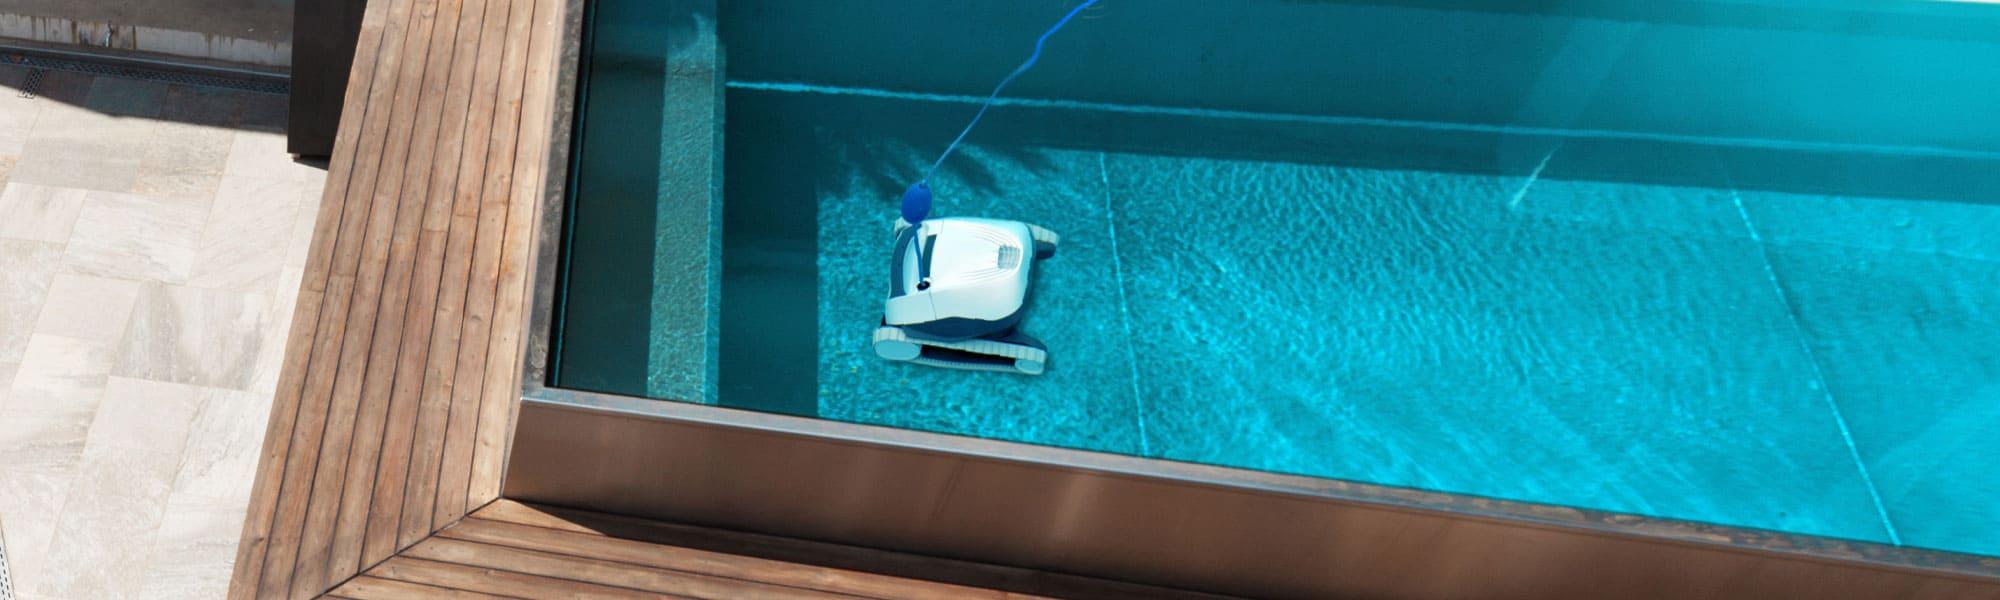 robot nettoyeur piscine hors-sol